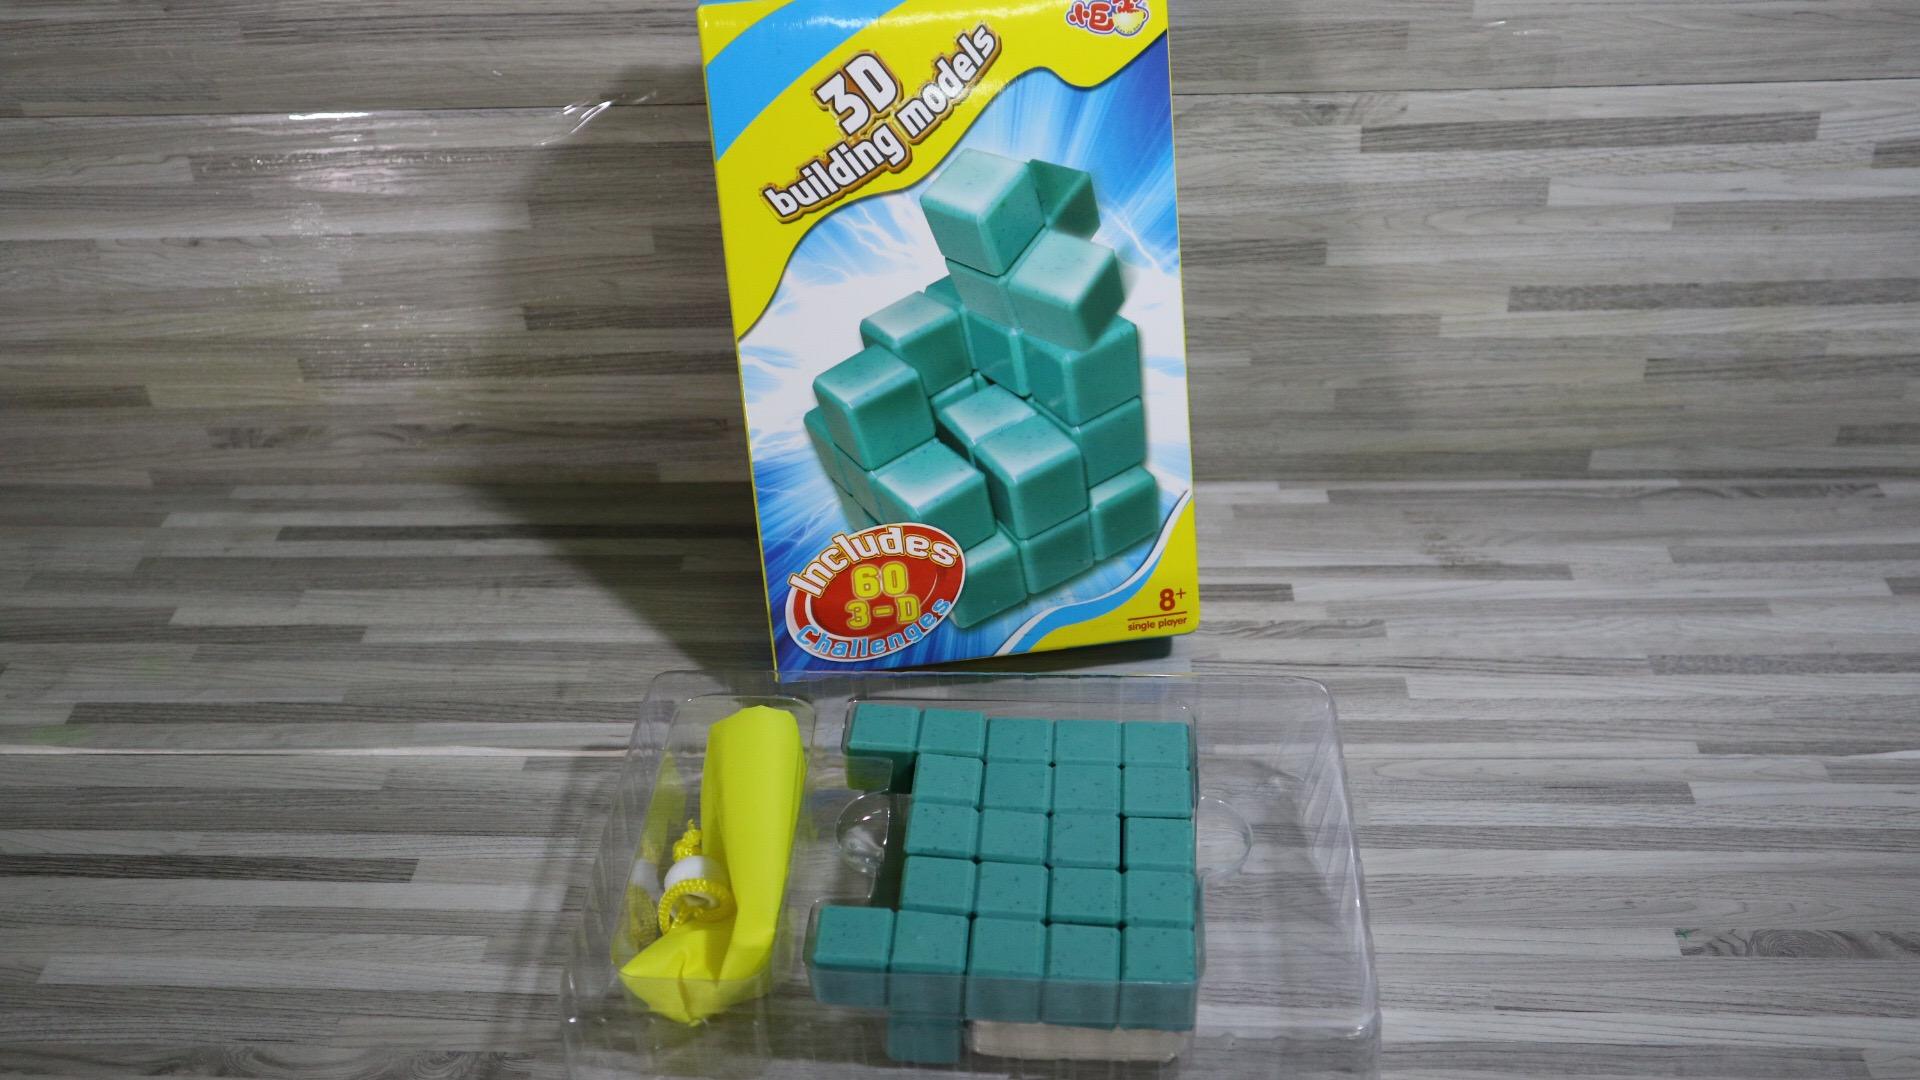 ตัวต่อบล็อก3D (3D Building Models)